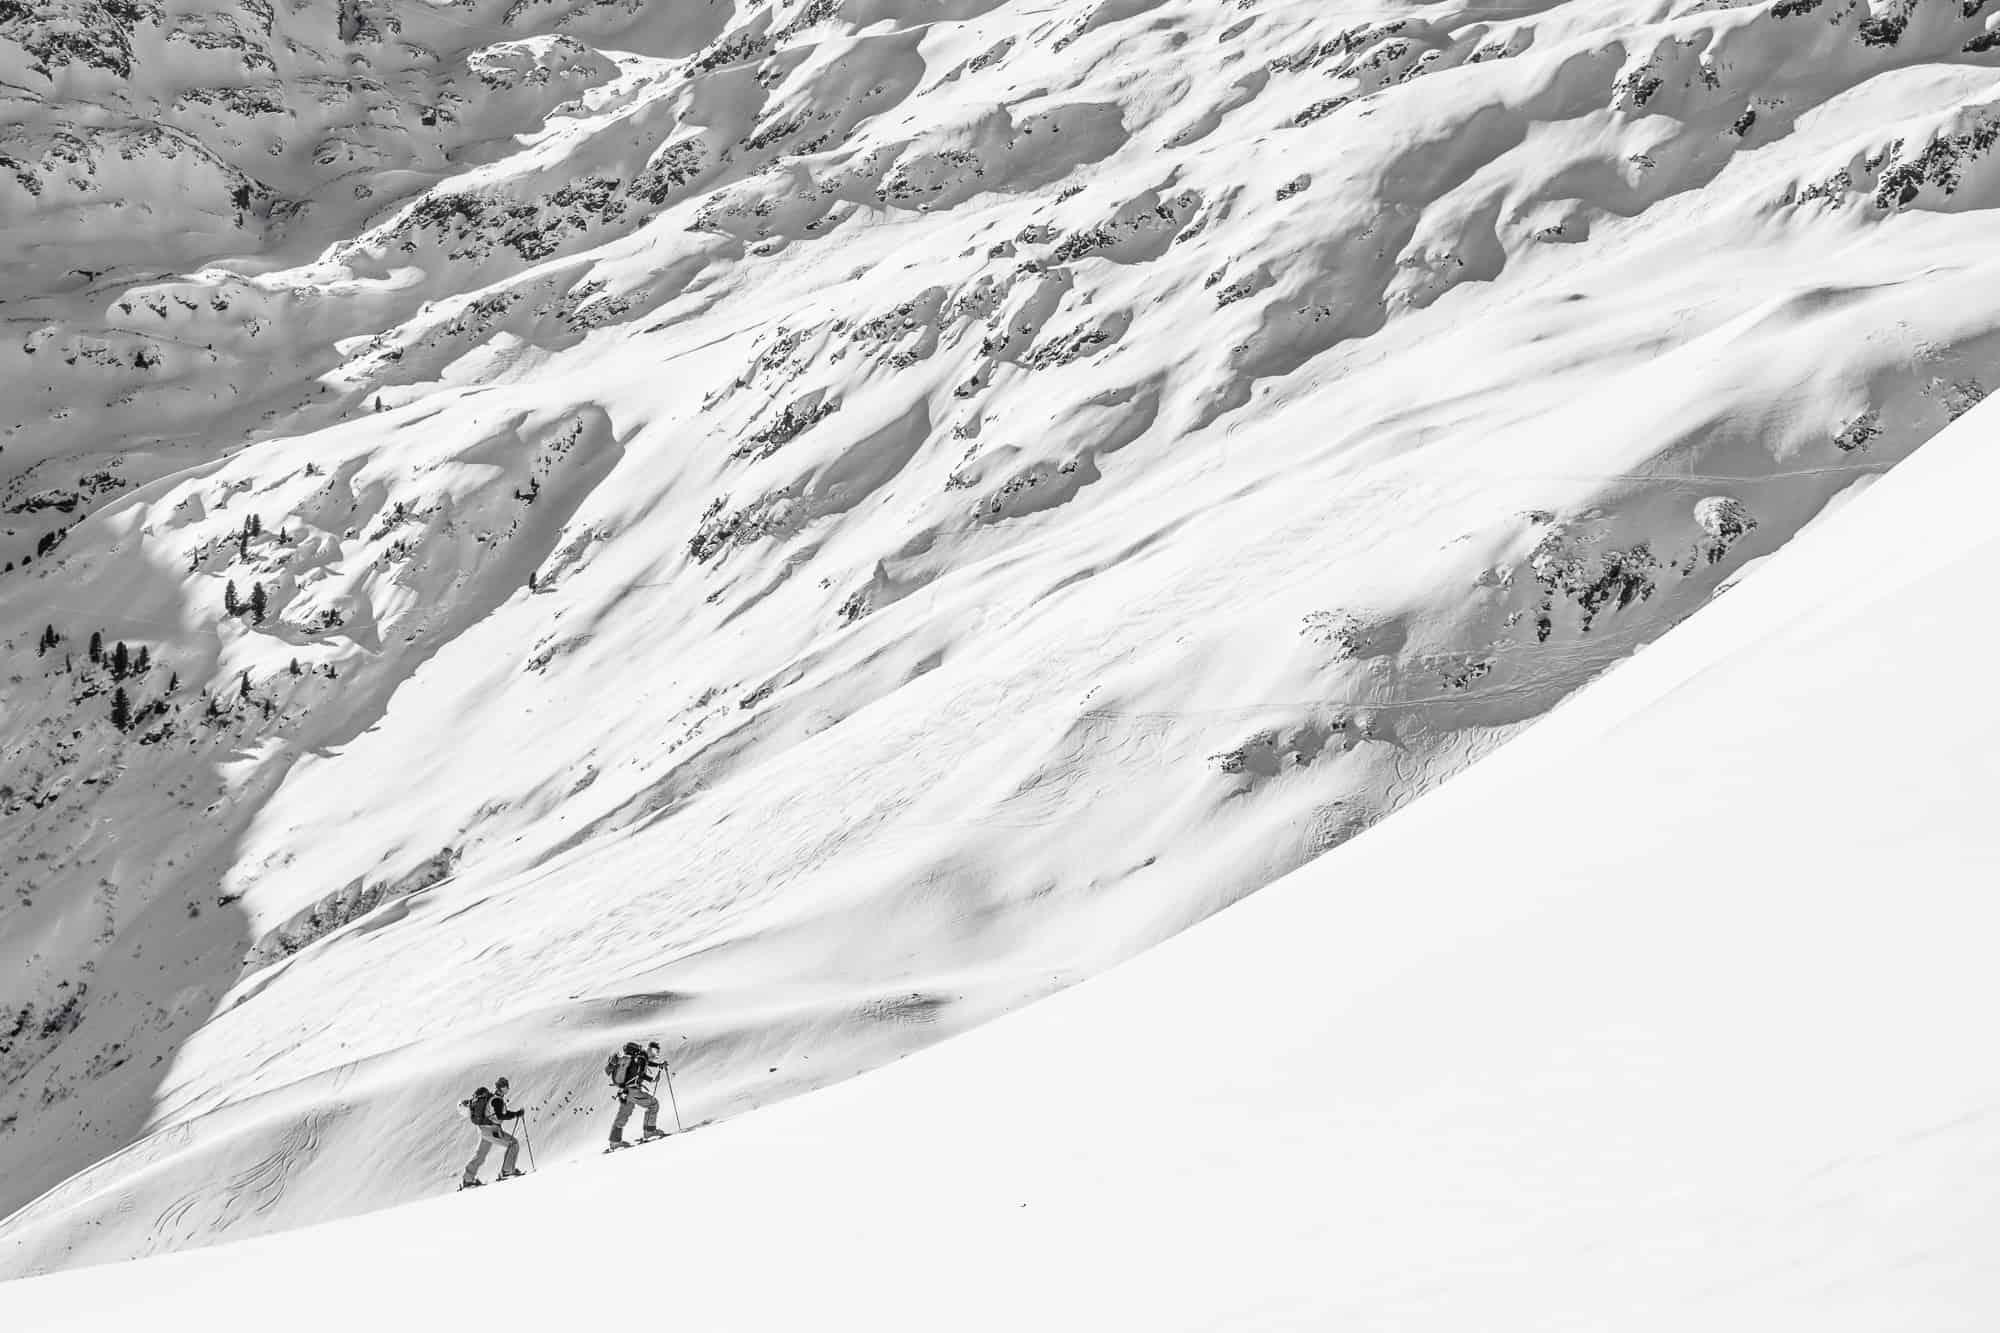 piste to powder ski touring trip - guided ski tour holidays with our mountain guides